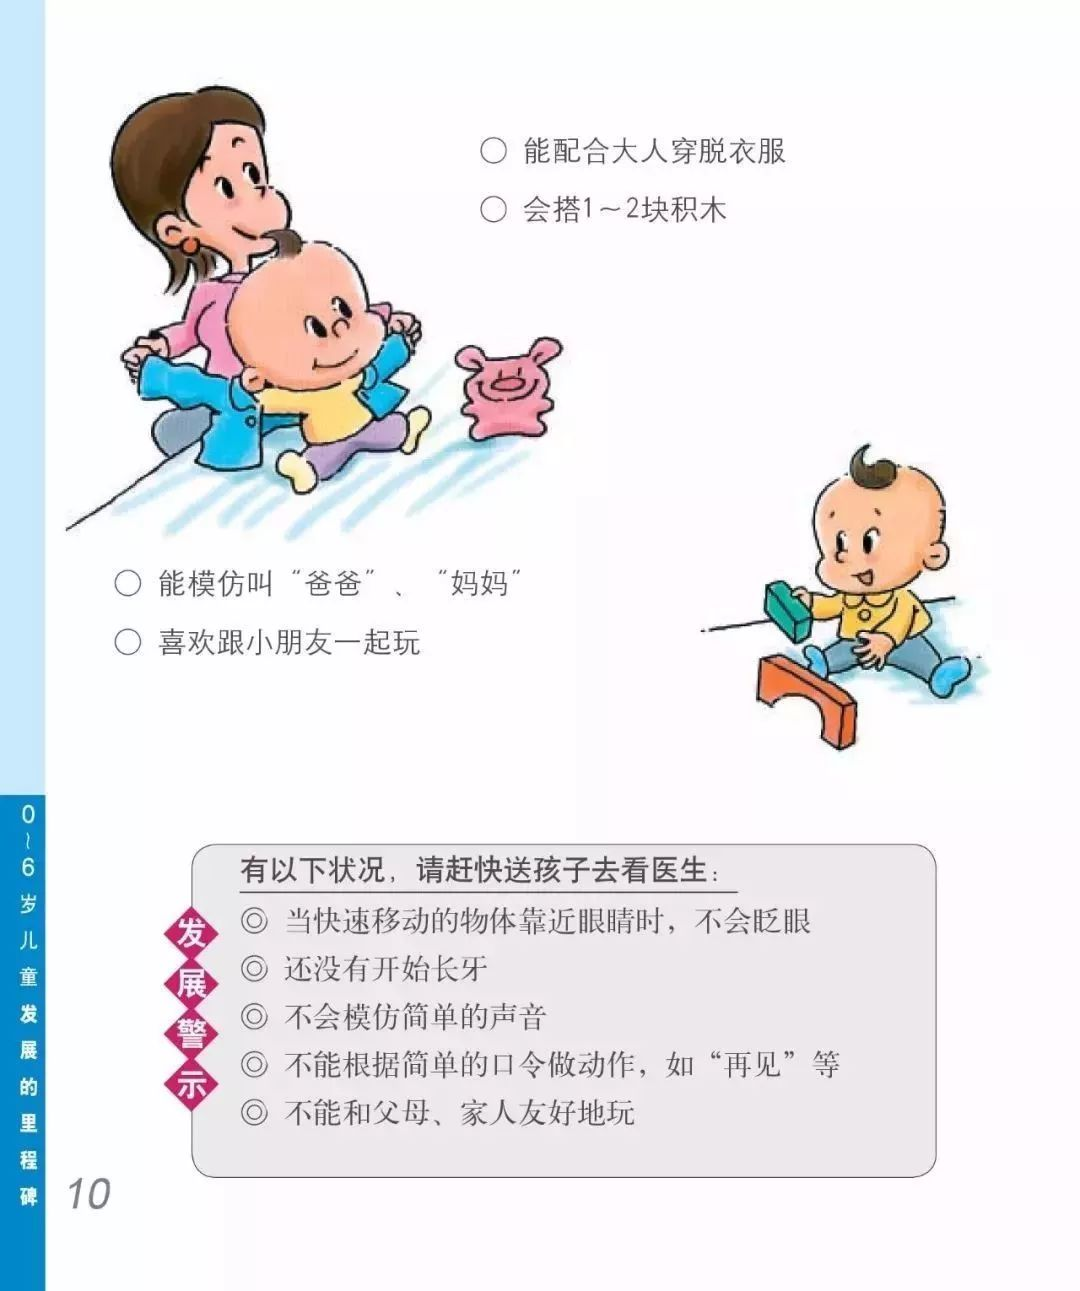 儿童发展阶段警示